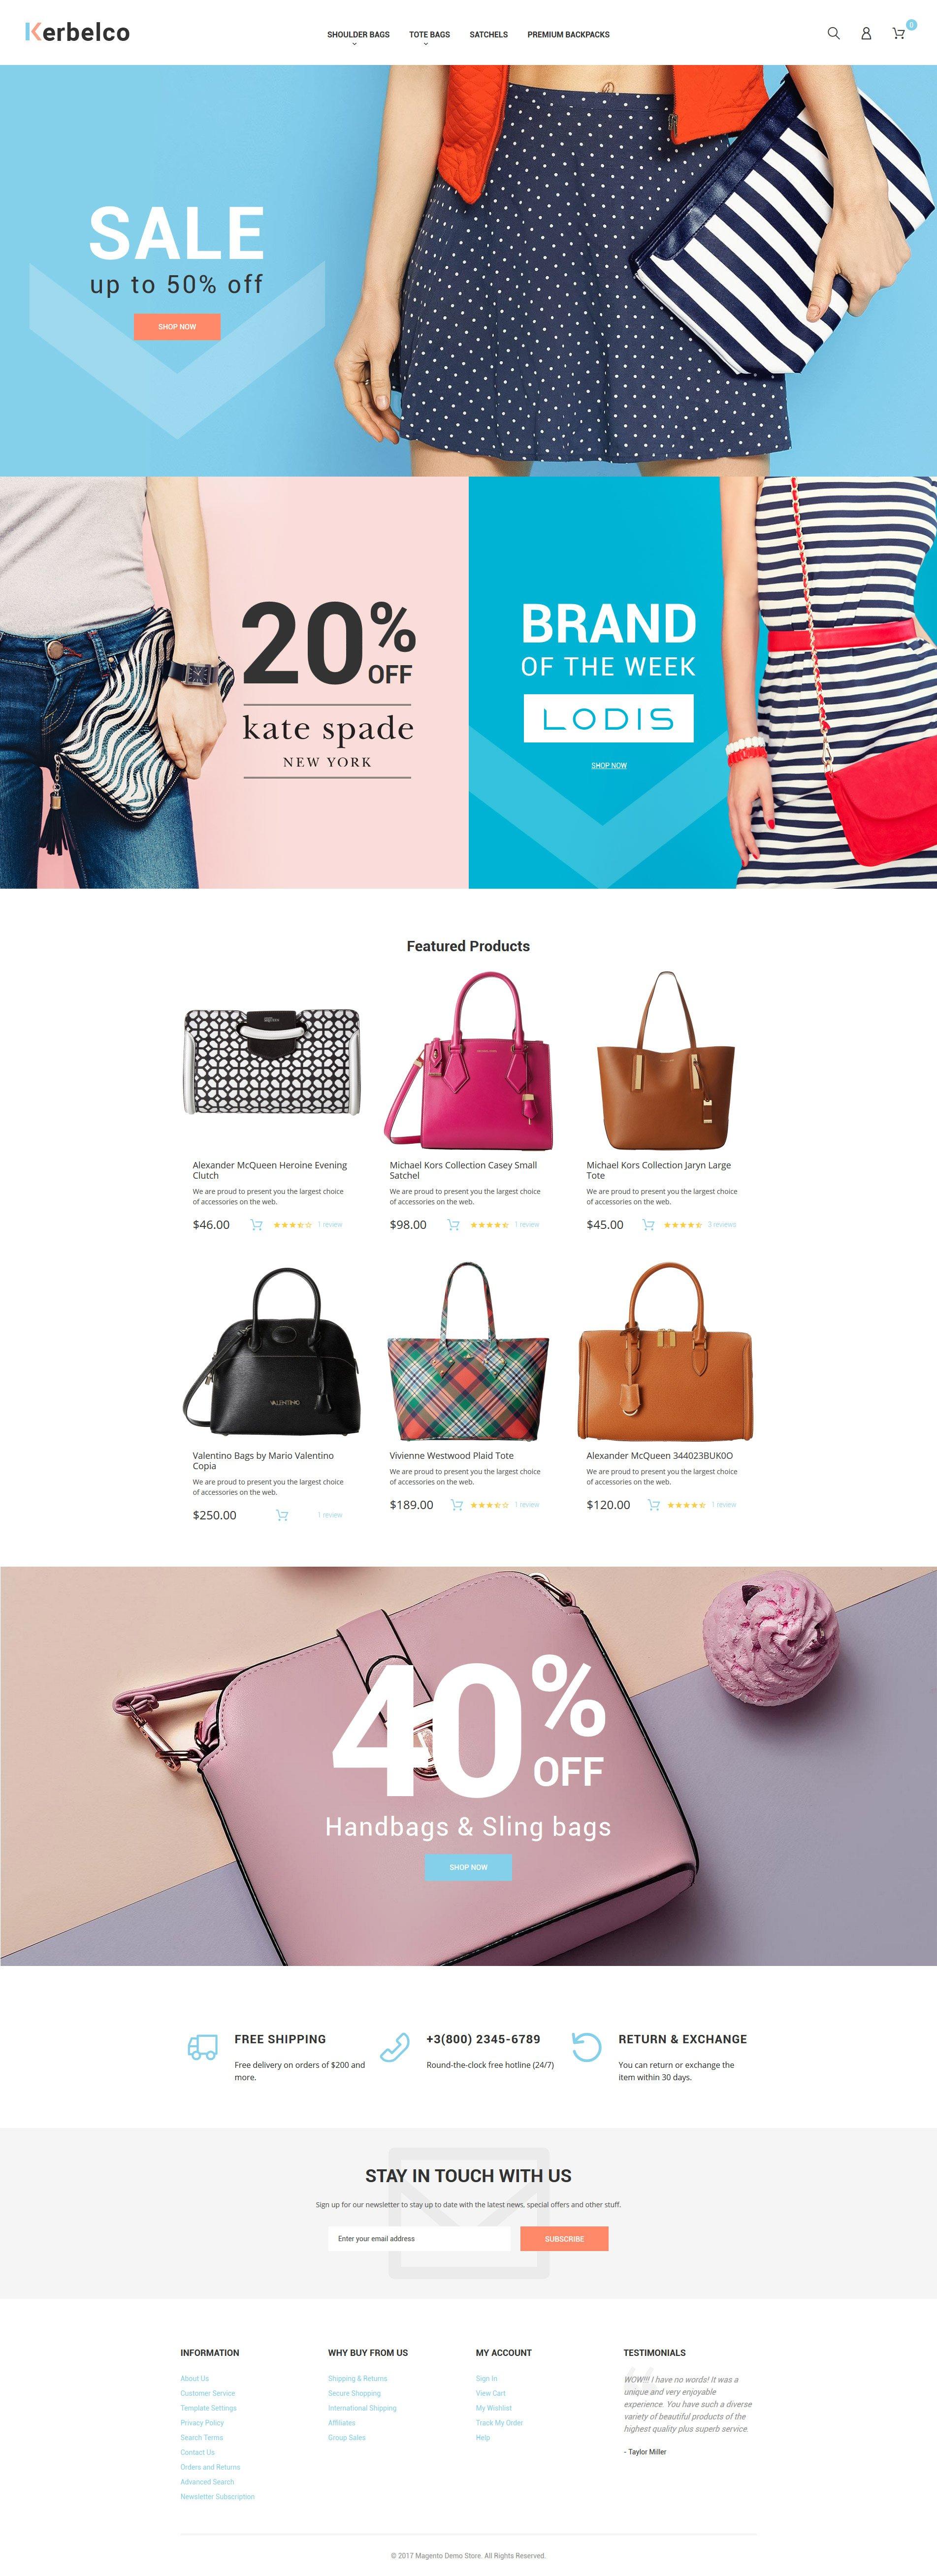 Reszponzív Fashion & Handbags Magento 2 Theme Magento sablon 62099 - képernyőkép